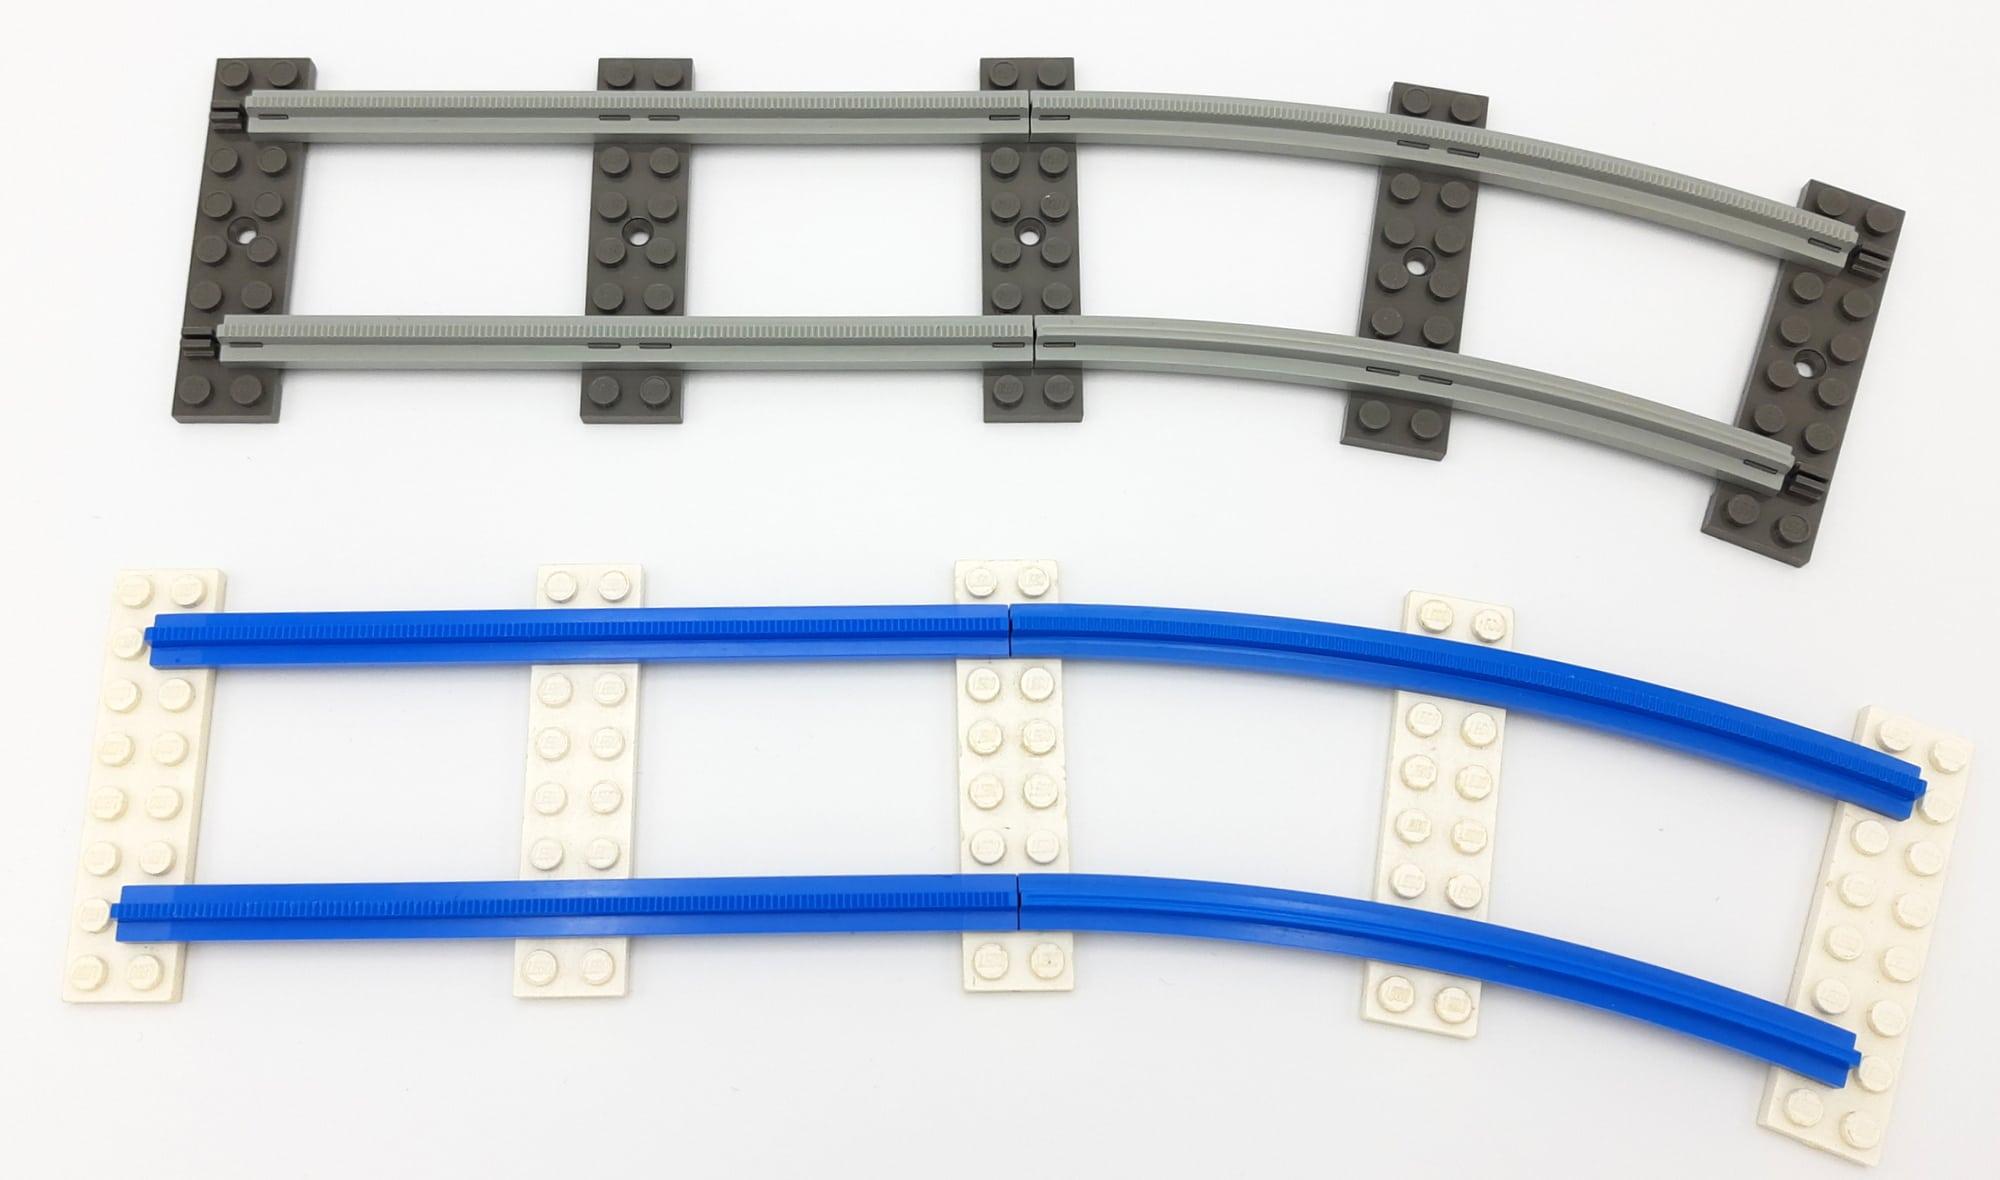 LEGO 10277 Krokodil Lokomotive - Verwendete Schienen